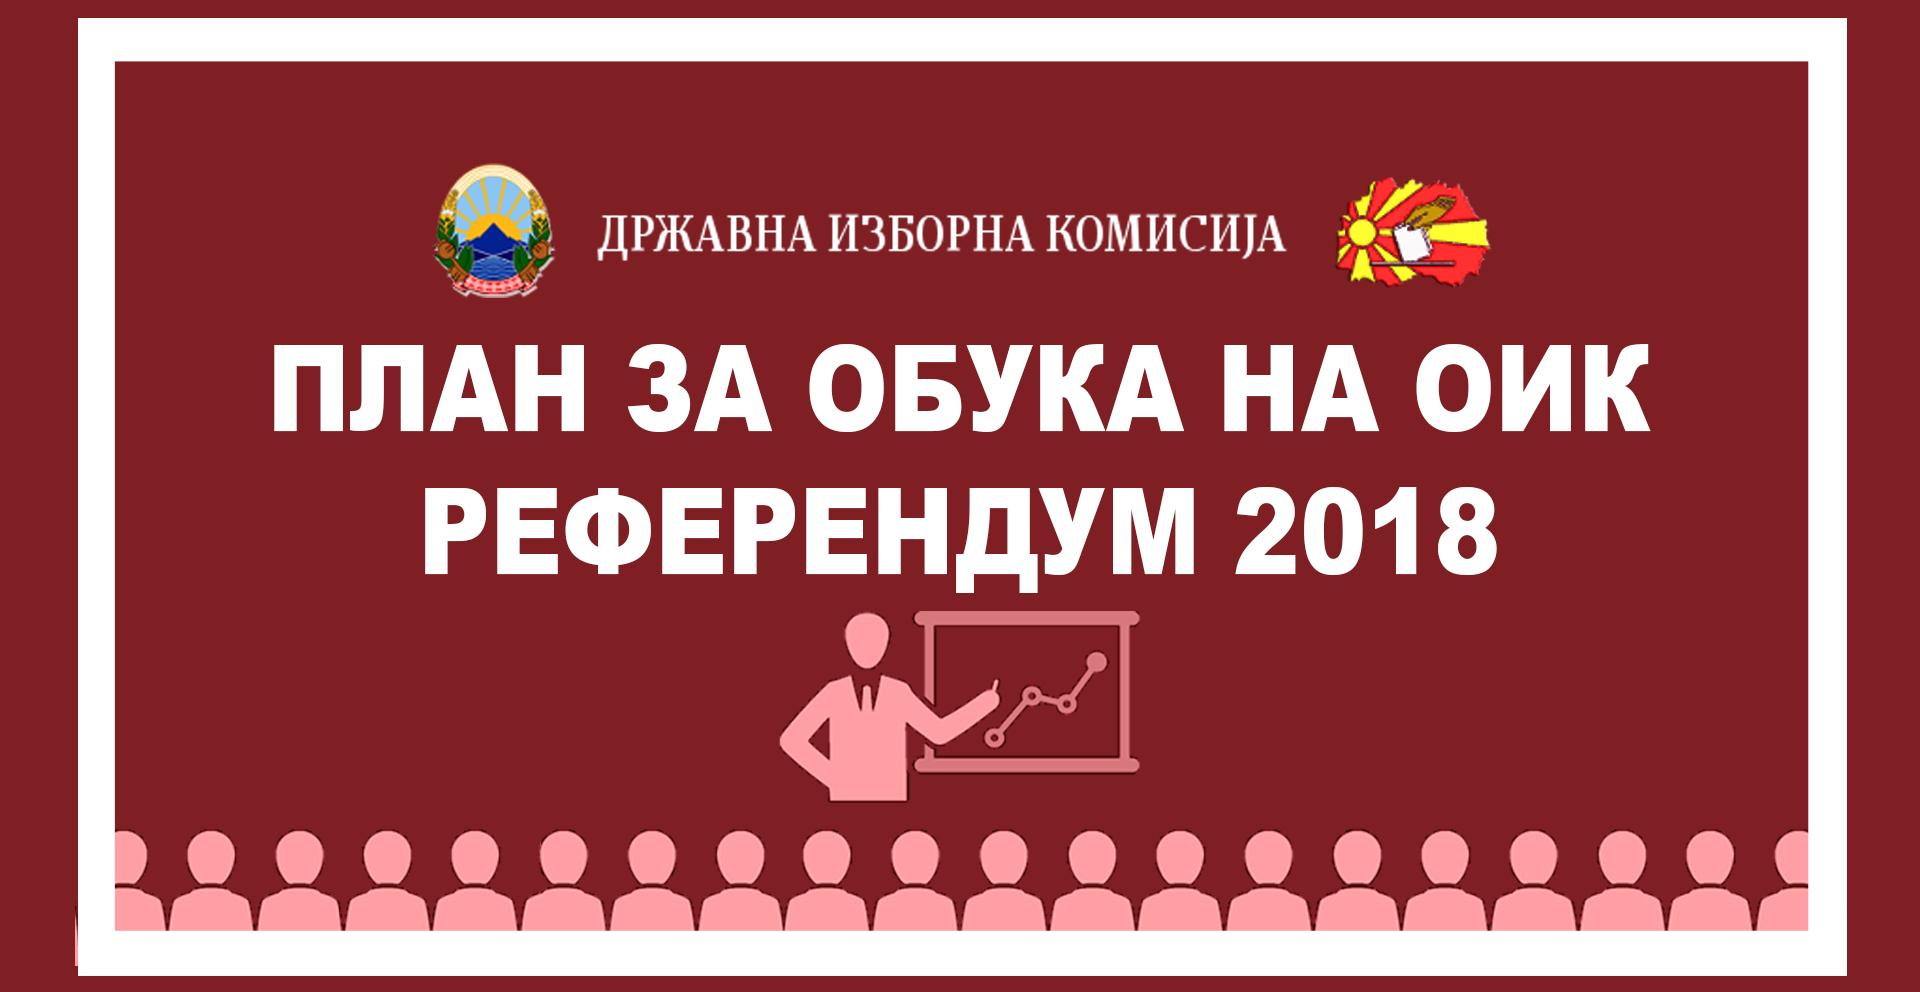 План за обука на ОИК за референдум 2018